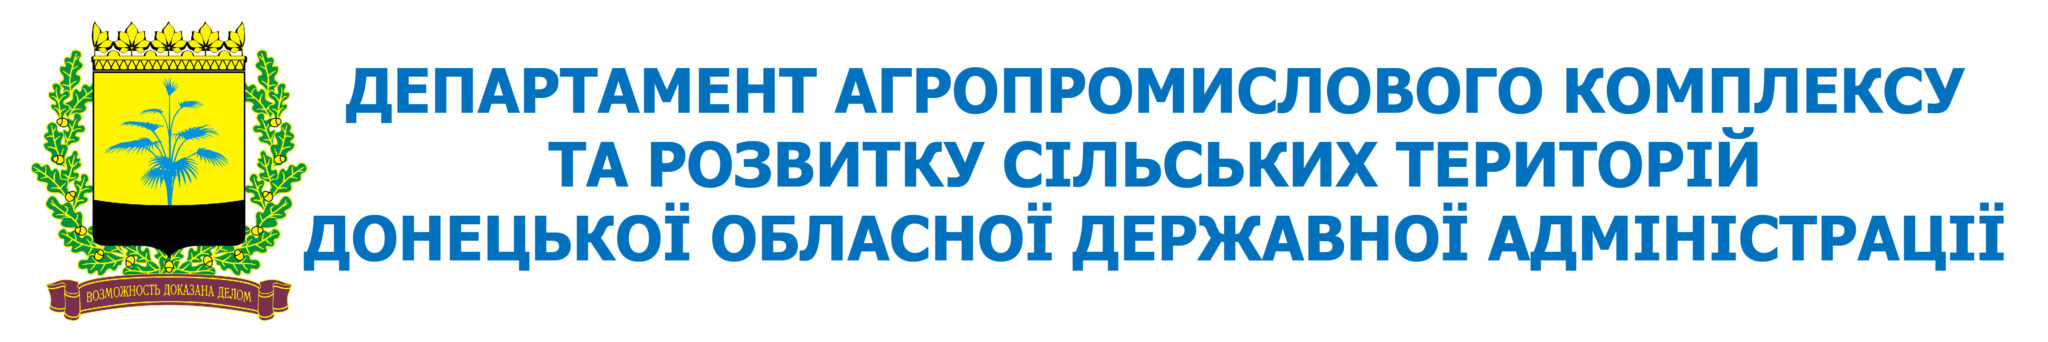 Середньодобовий надій молока Донецької області (станом на 31.08.2017)